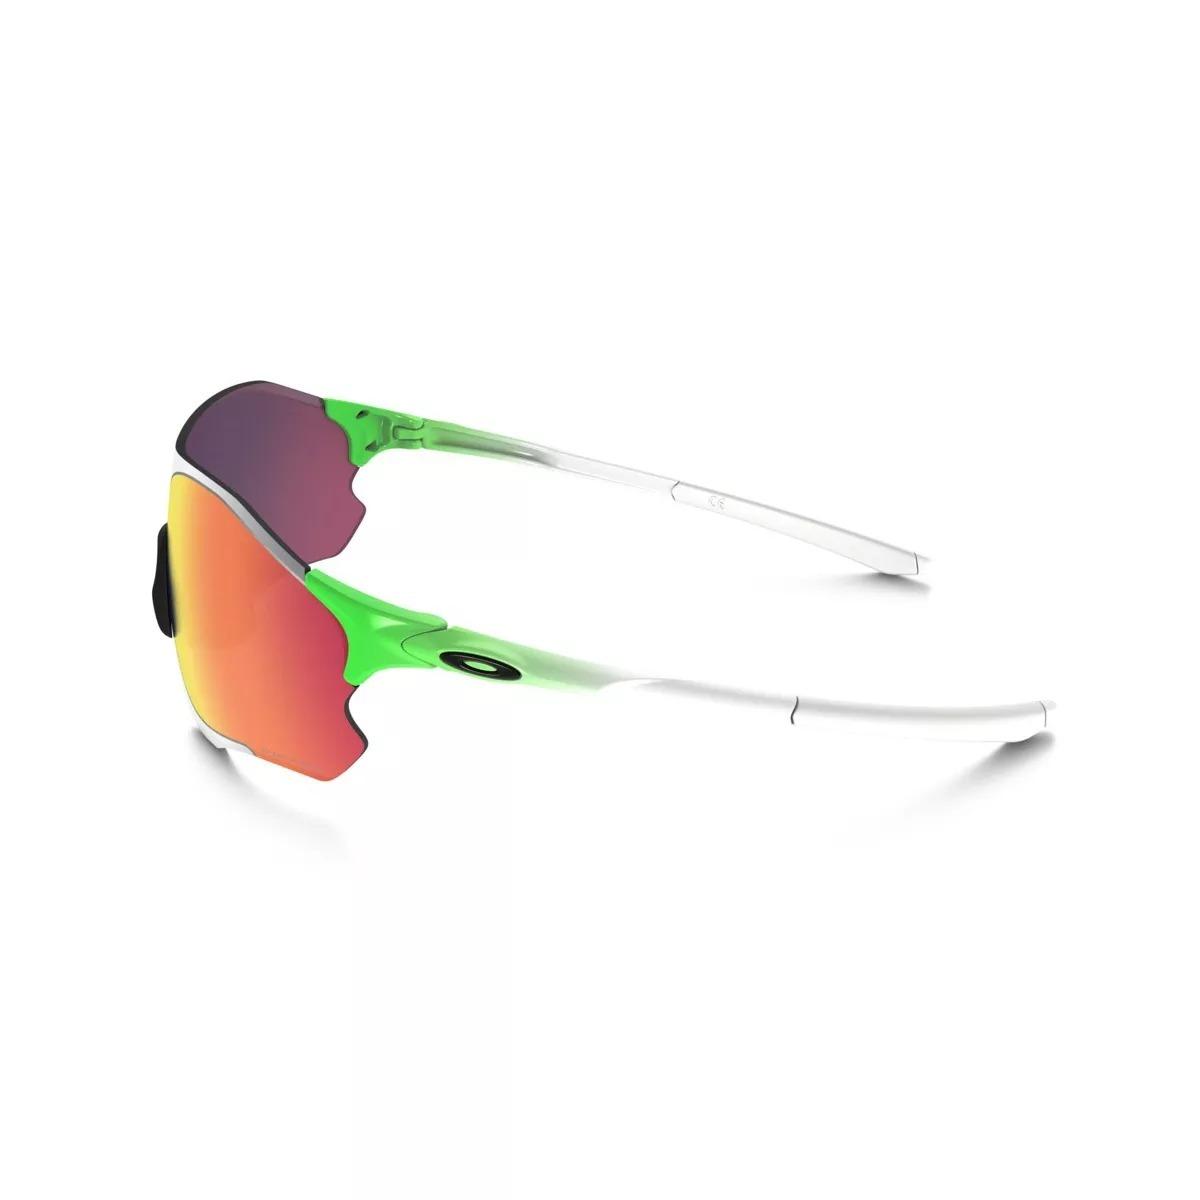 0218c183ede32 Óculos Oakley Evzero Path Green Fade Prizm - R  659